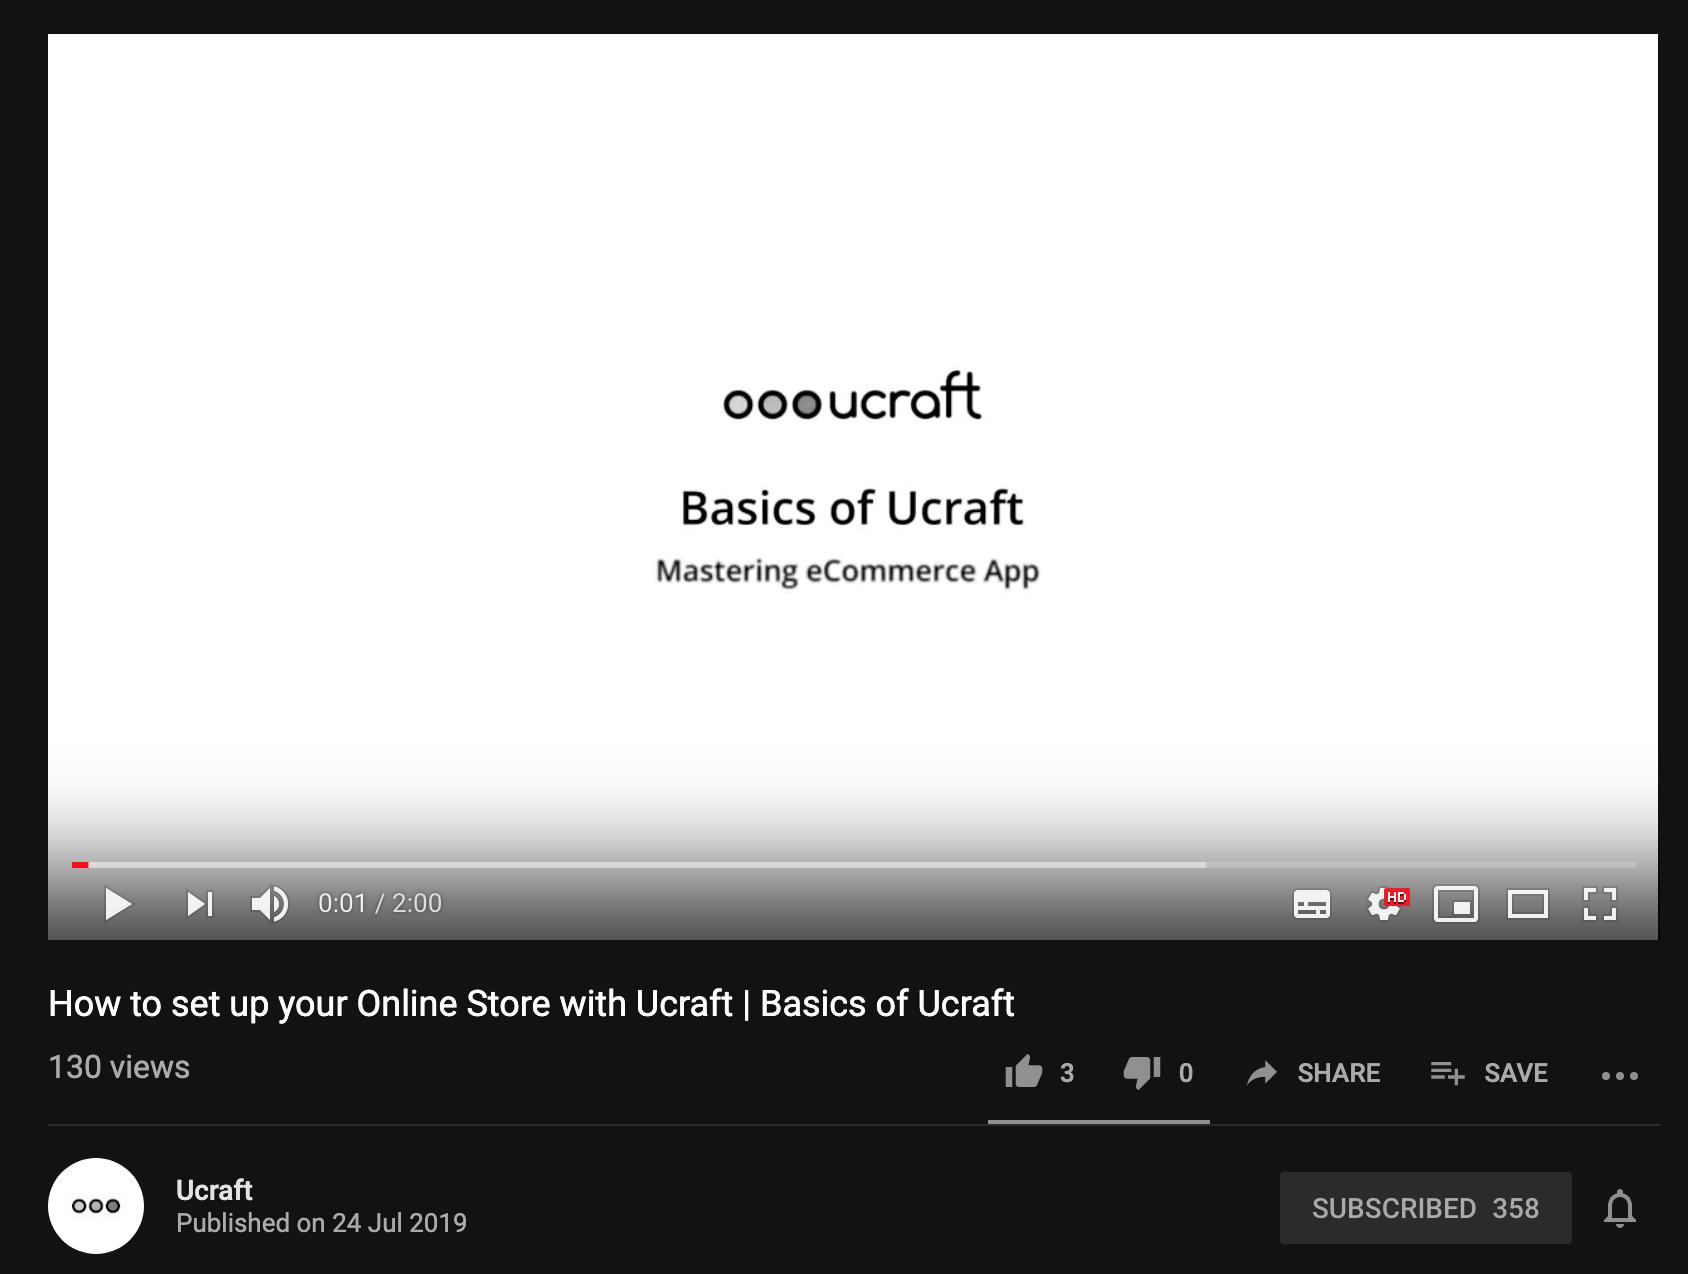 youtube-ի բանալի բառեր